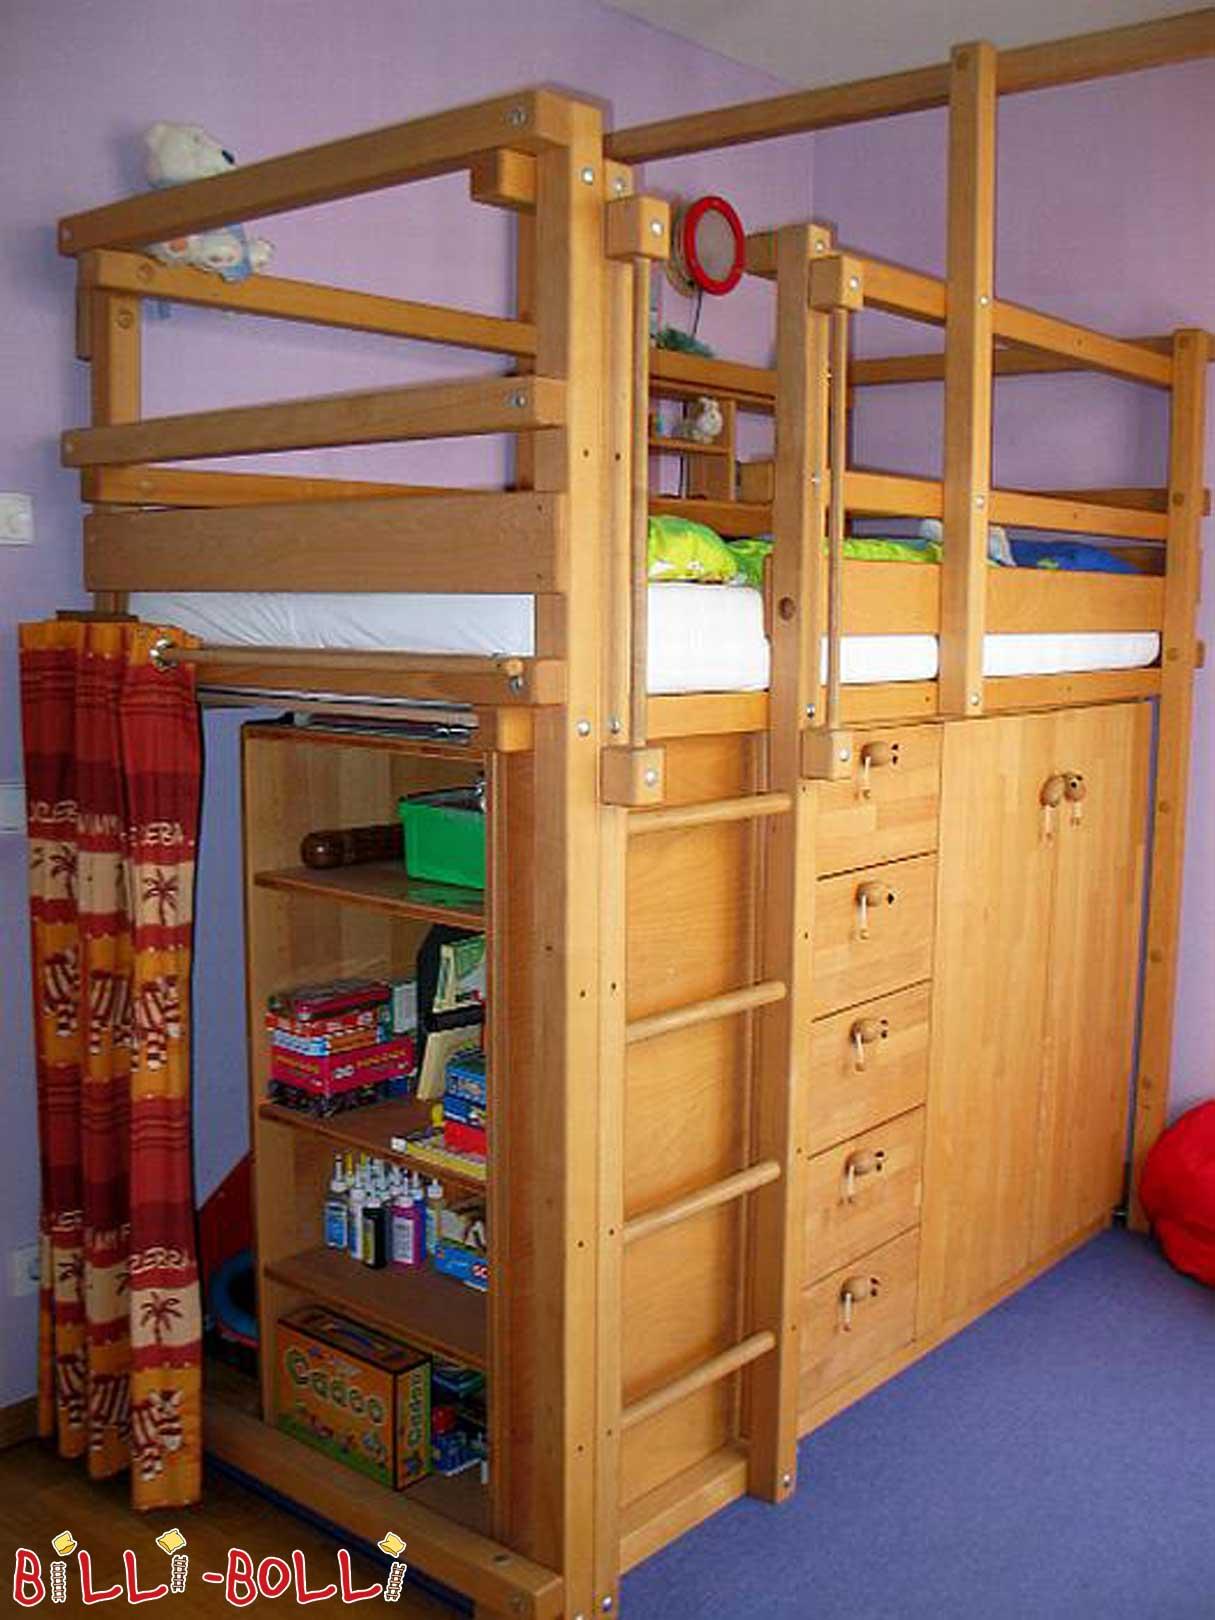 secondhand seite 140 billi bolli kinderm bel. Black Bedroom Furniture Sets. Home Design Ideas